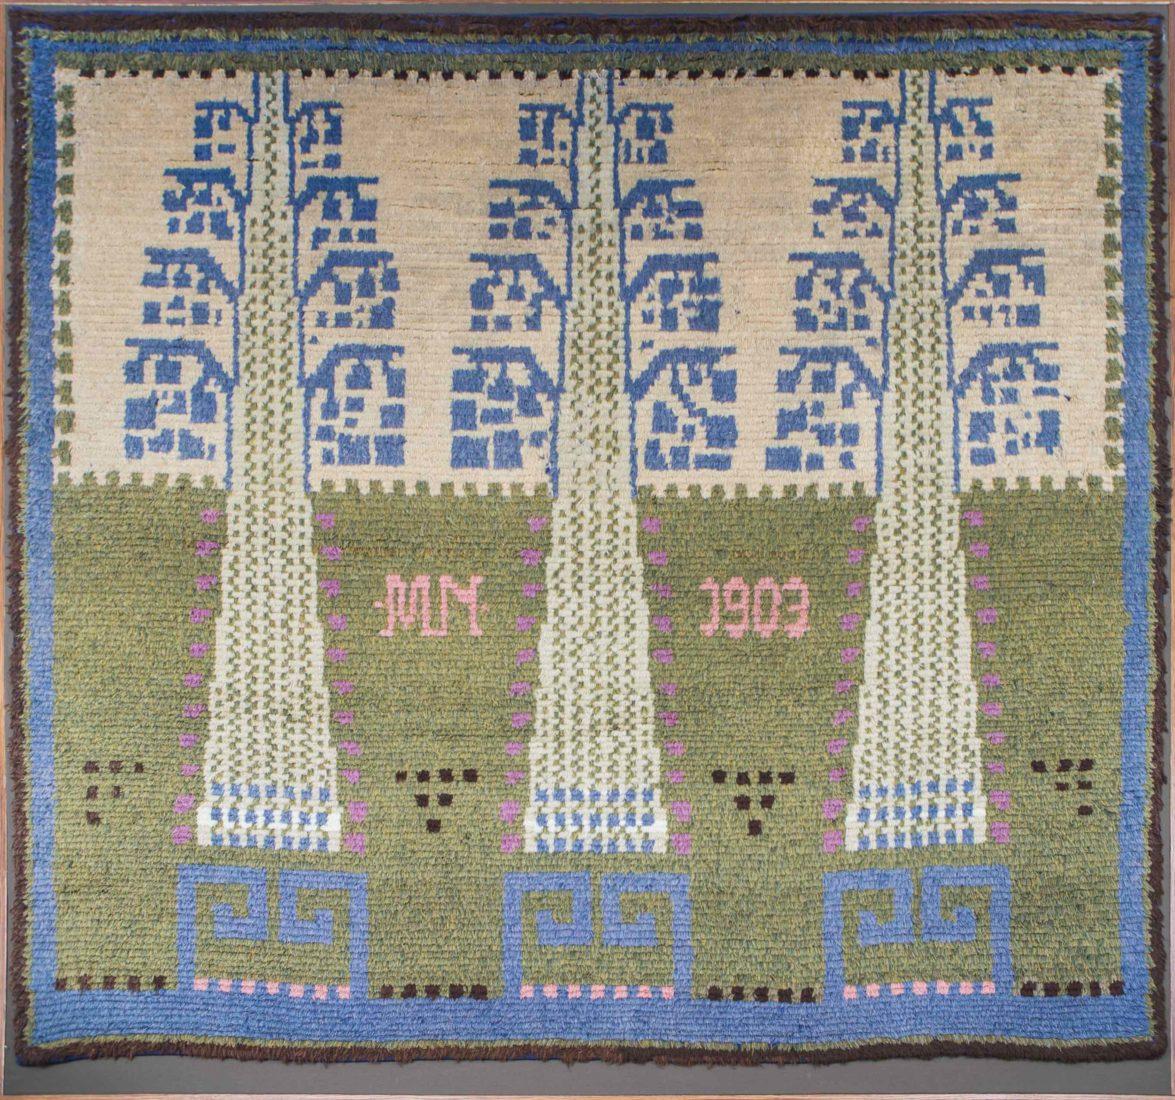 Eliel Saarinen : tapis de la grande salle du manoir de Suur-Merijoki